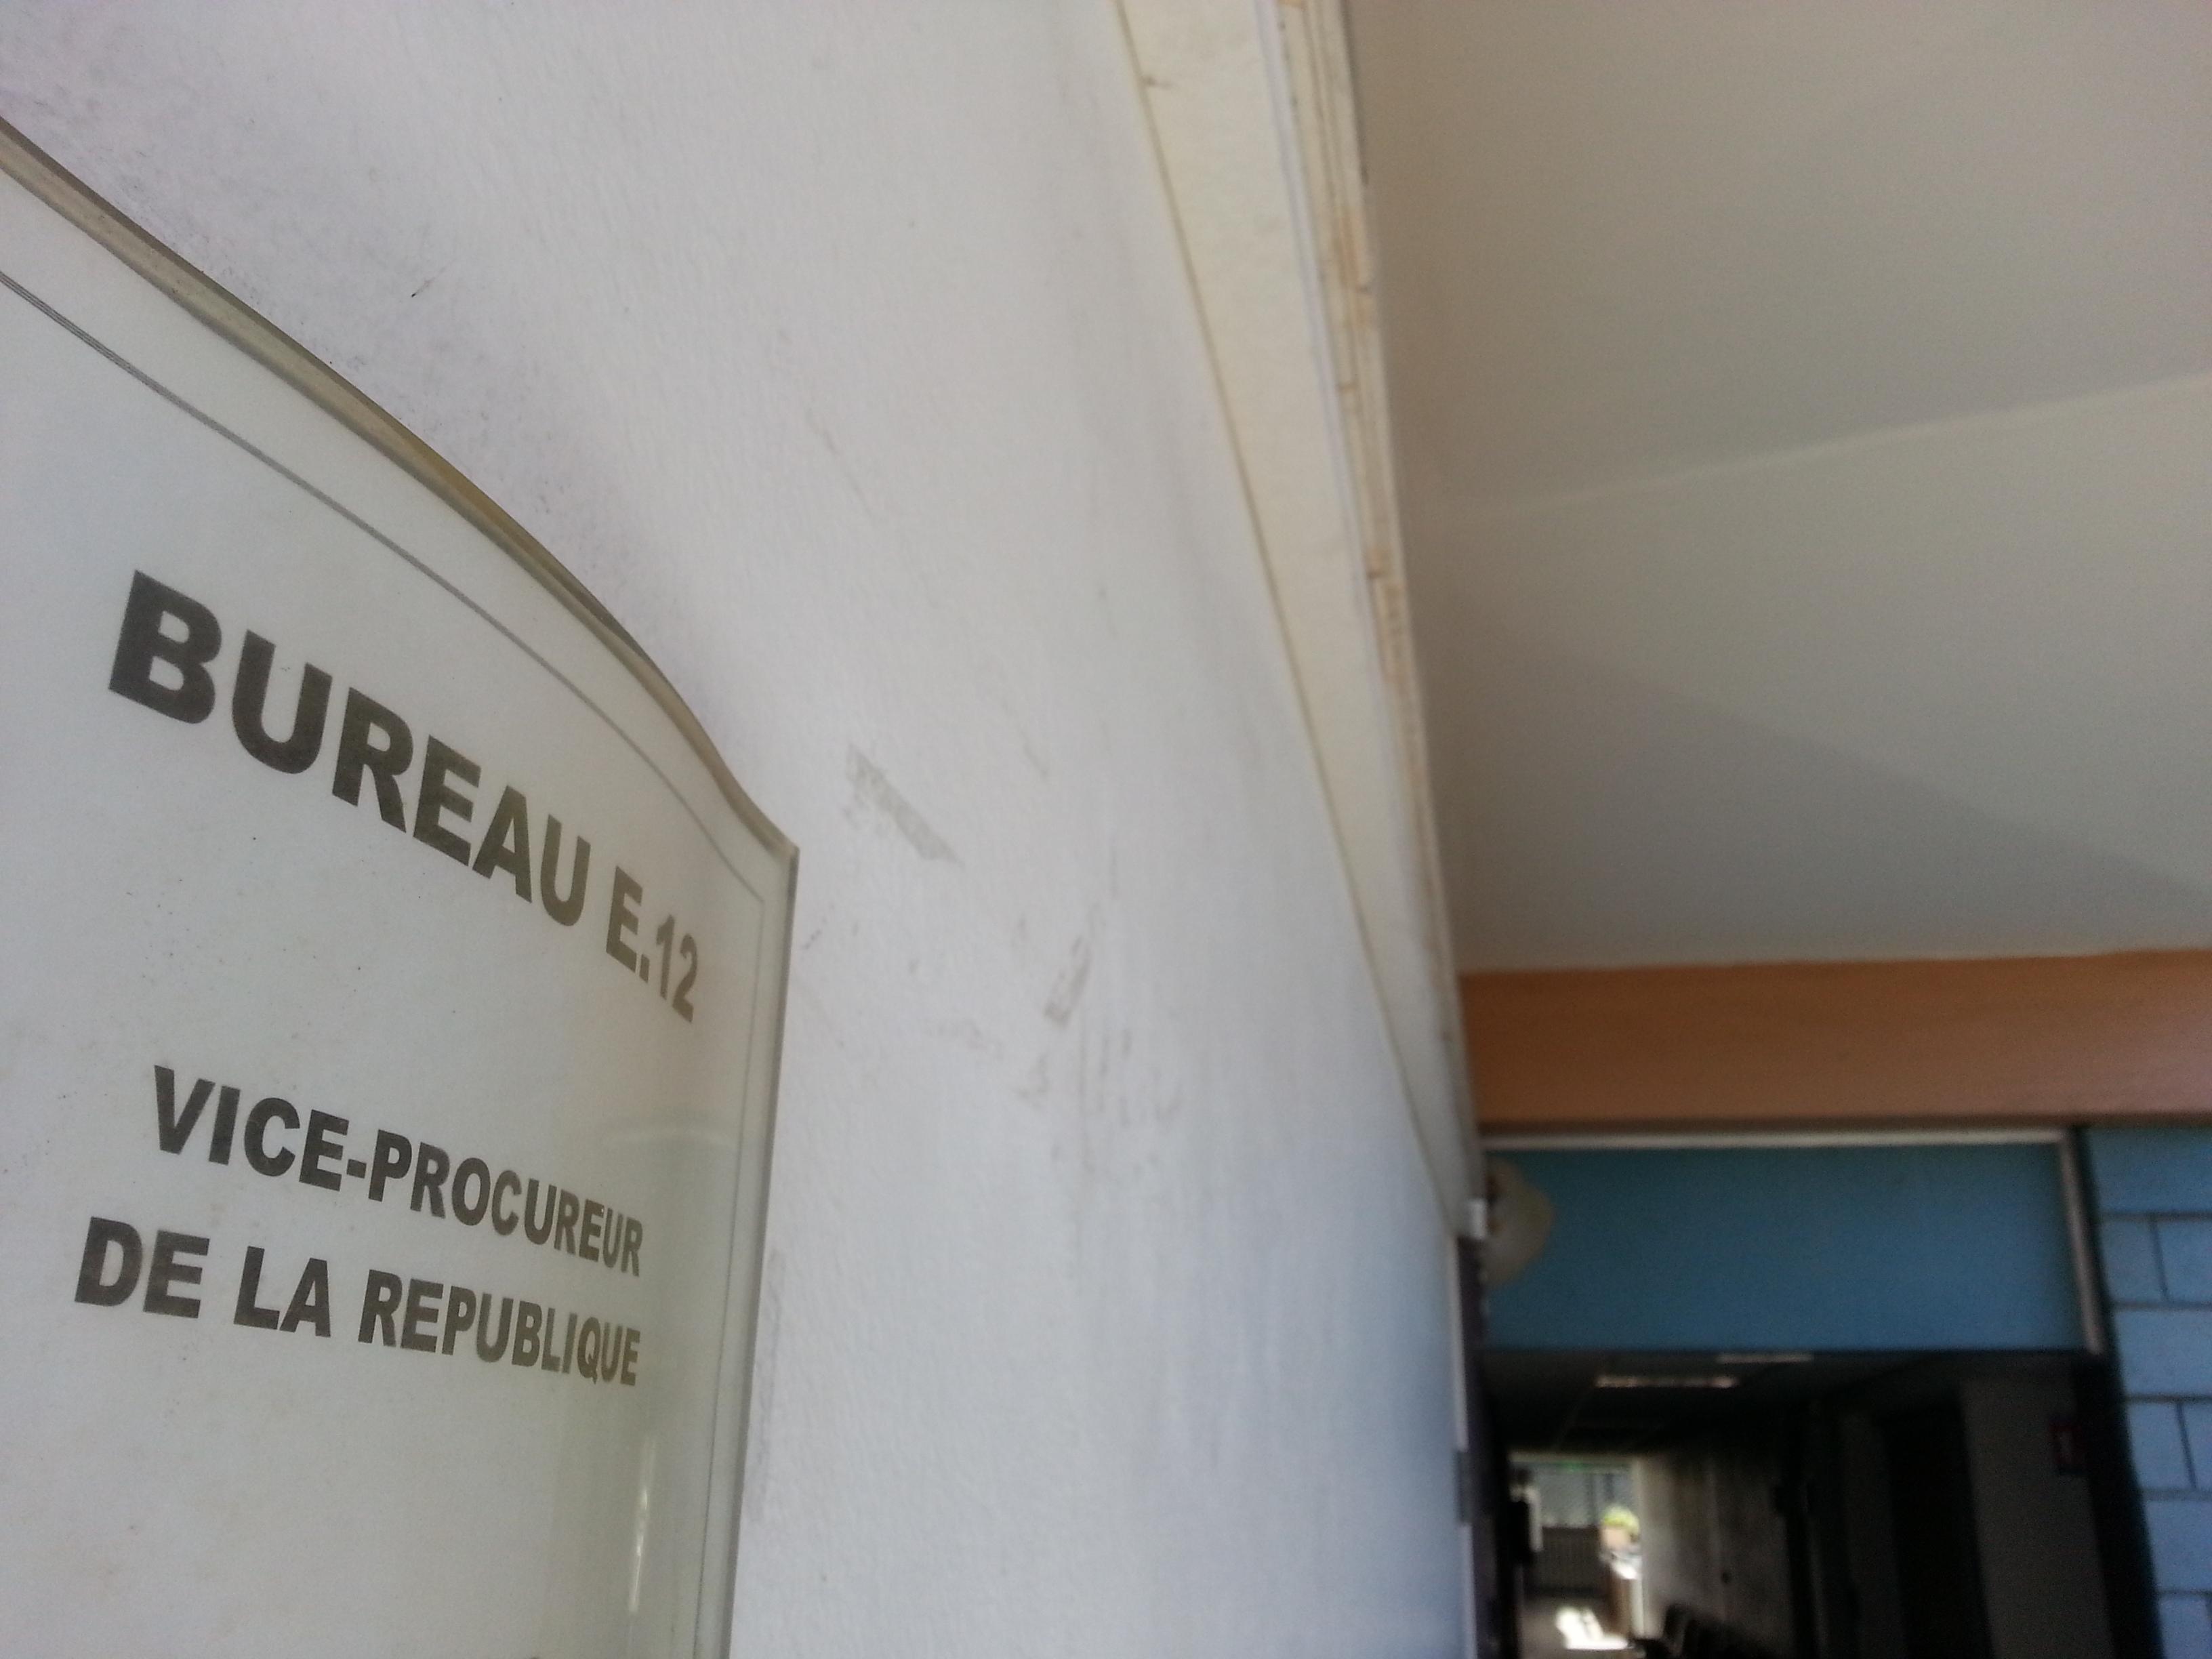 Punaauia : un SDF menace de tuer une famille au couteau